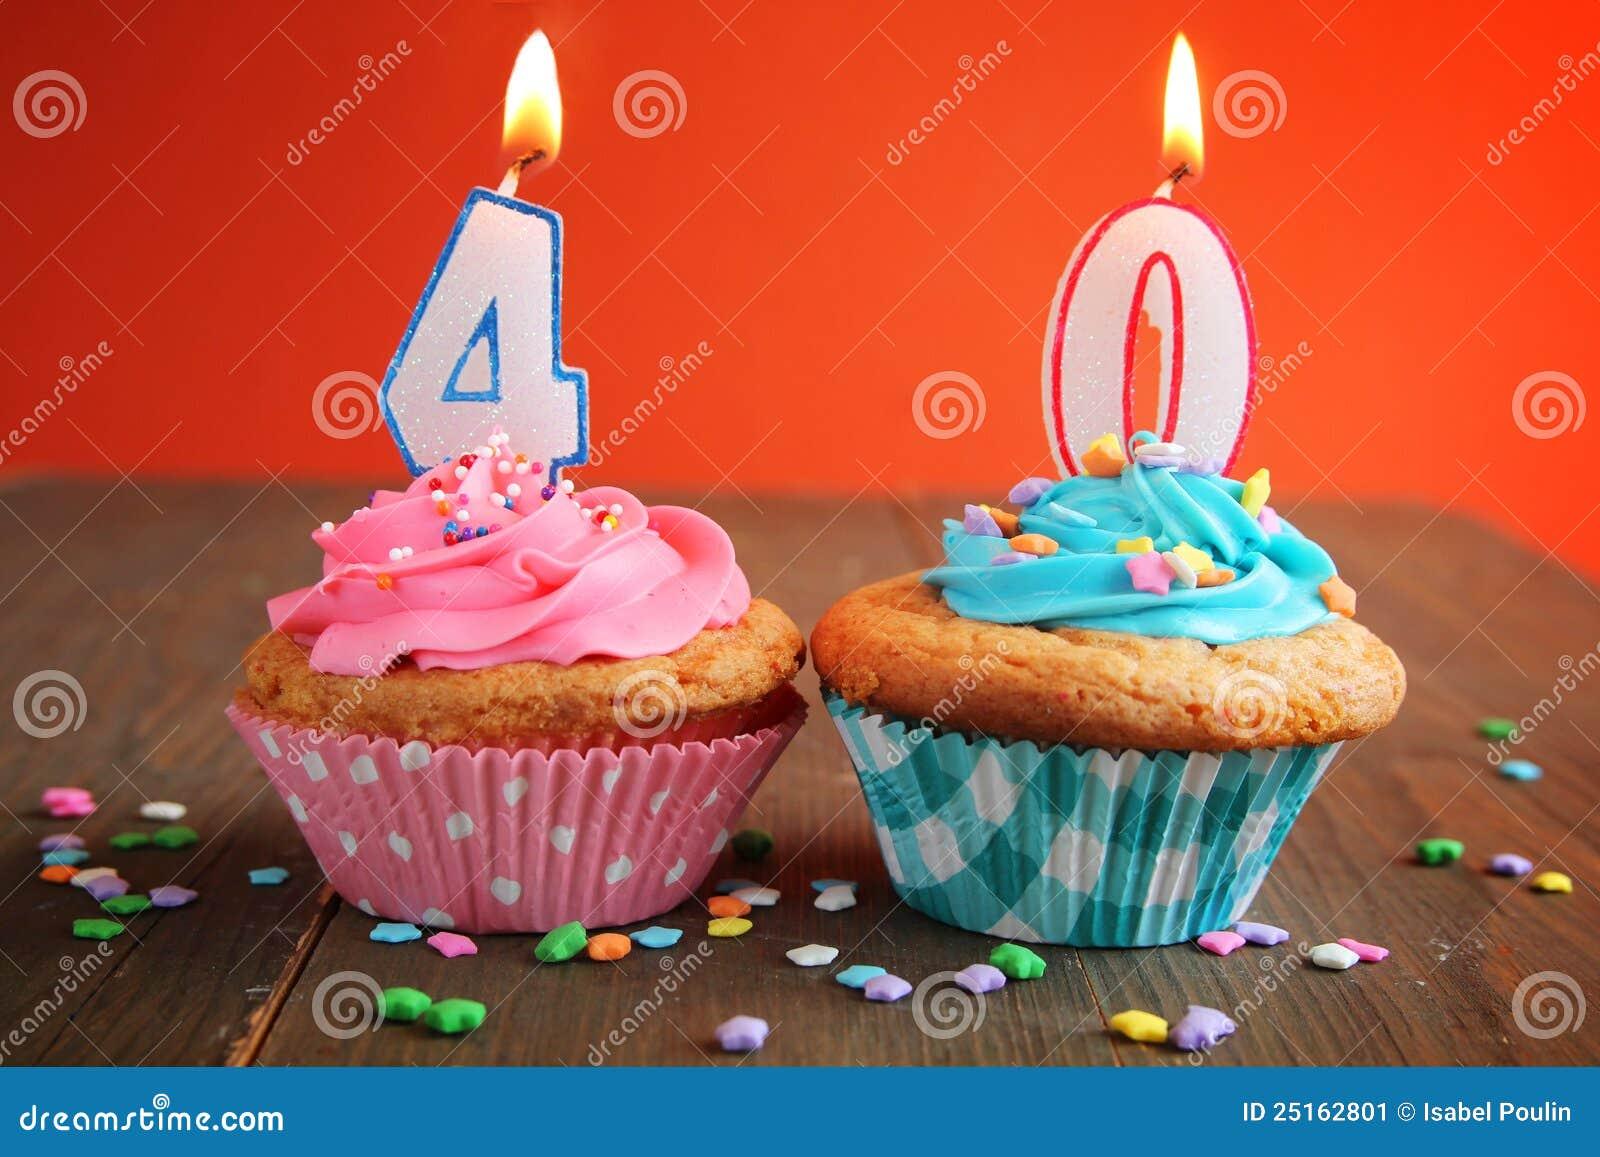 Kuchen mit 40 kerzen